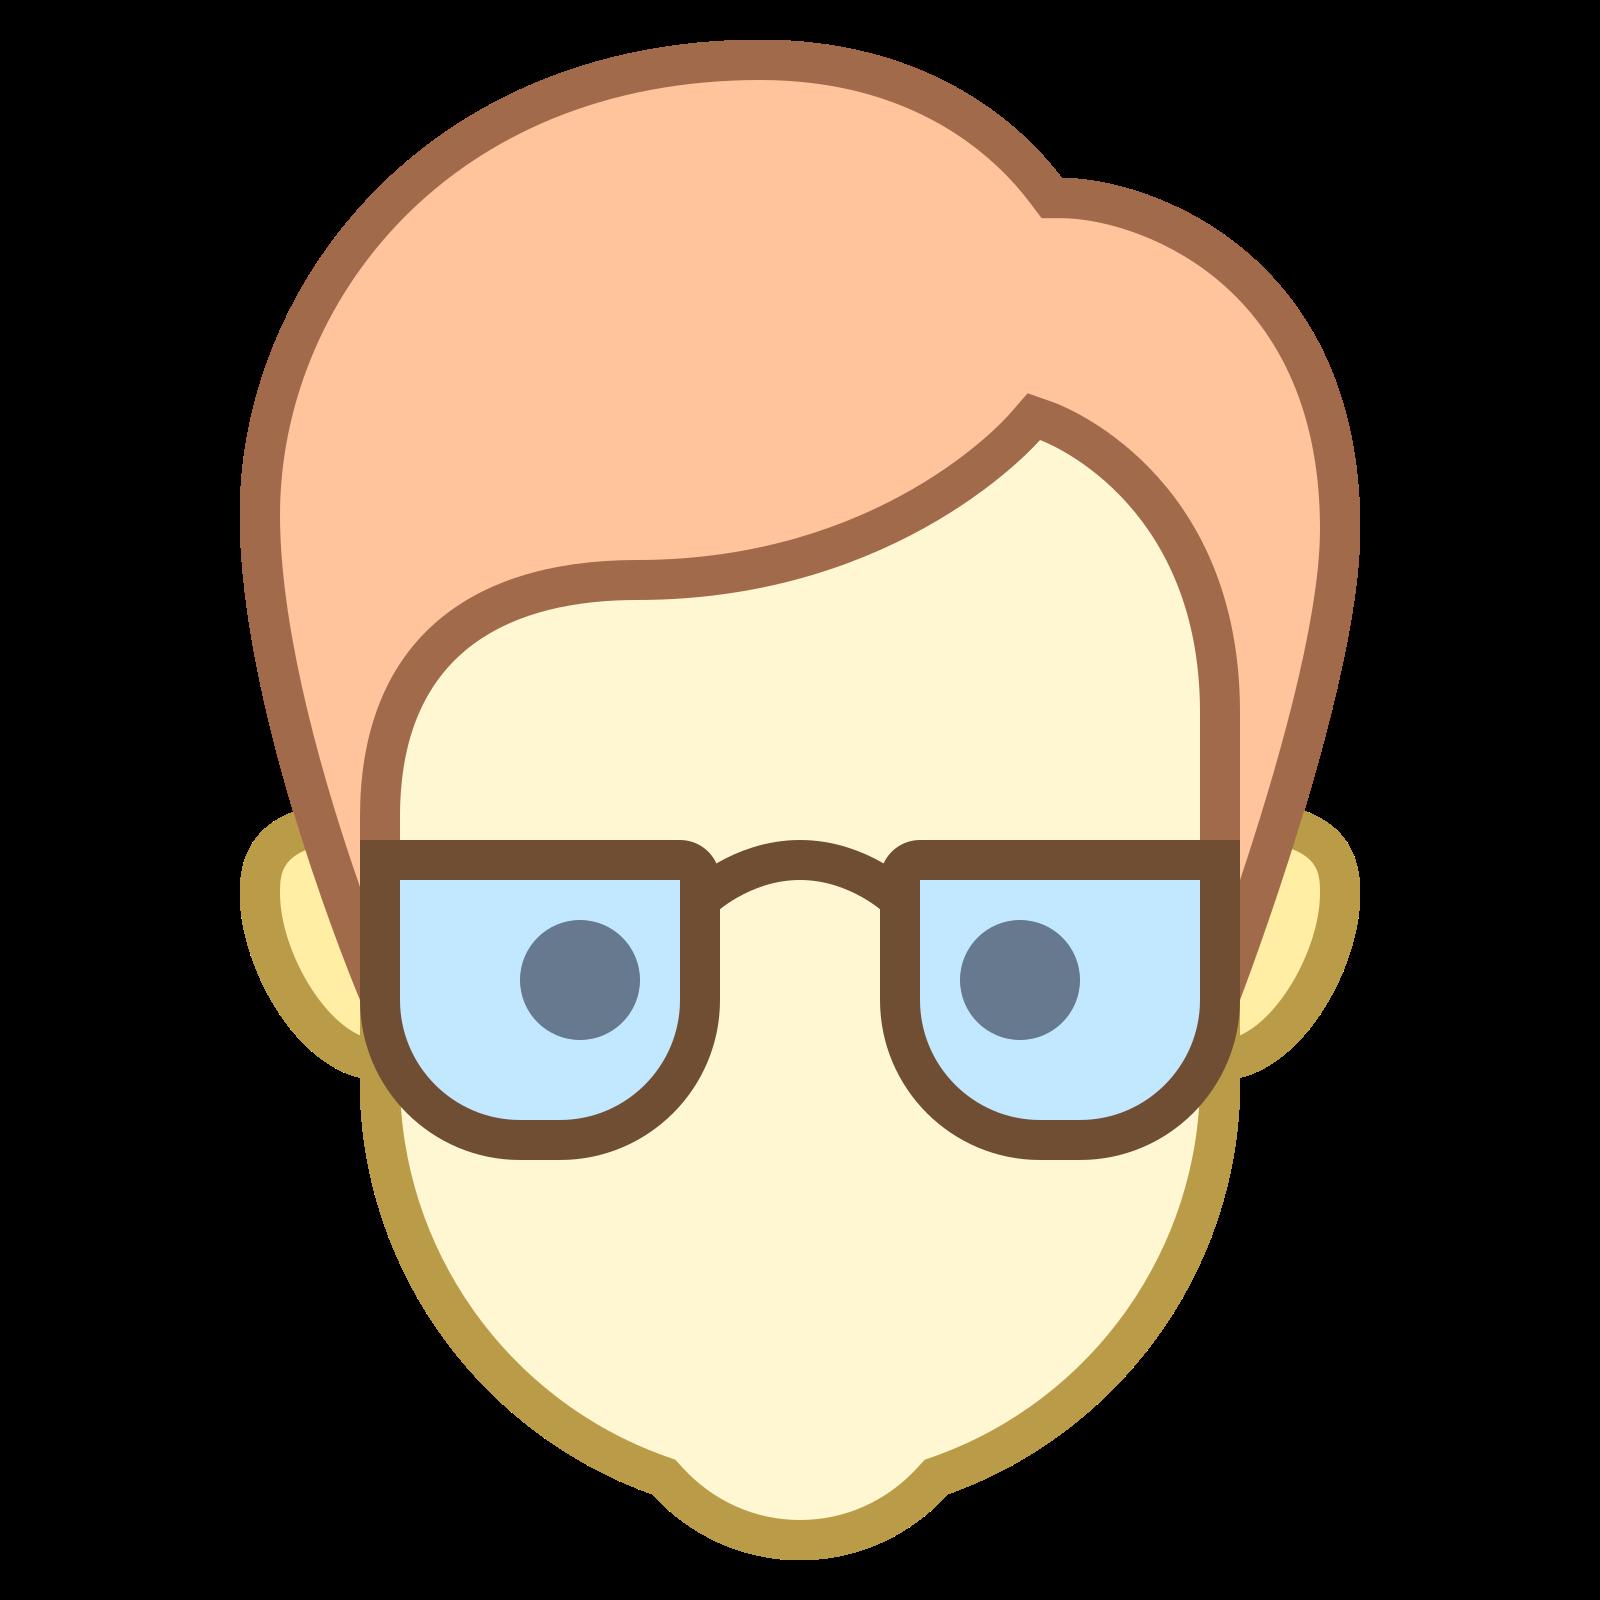 学院院长男性皮肤类型1 2 icon